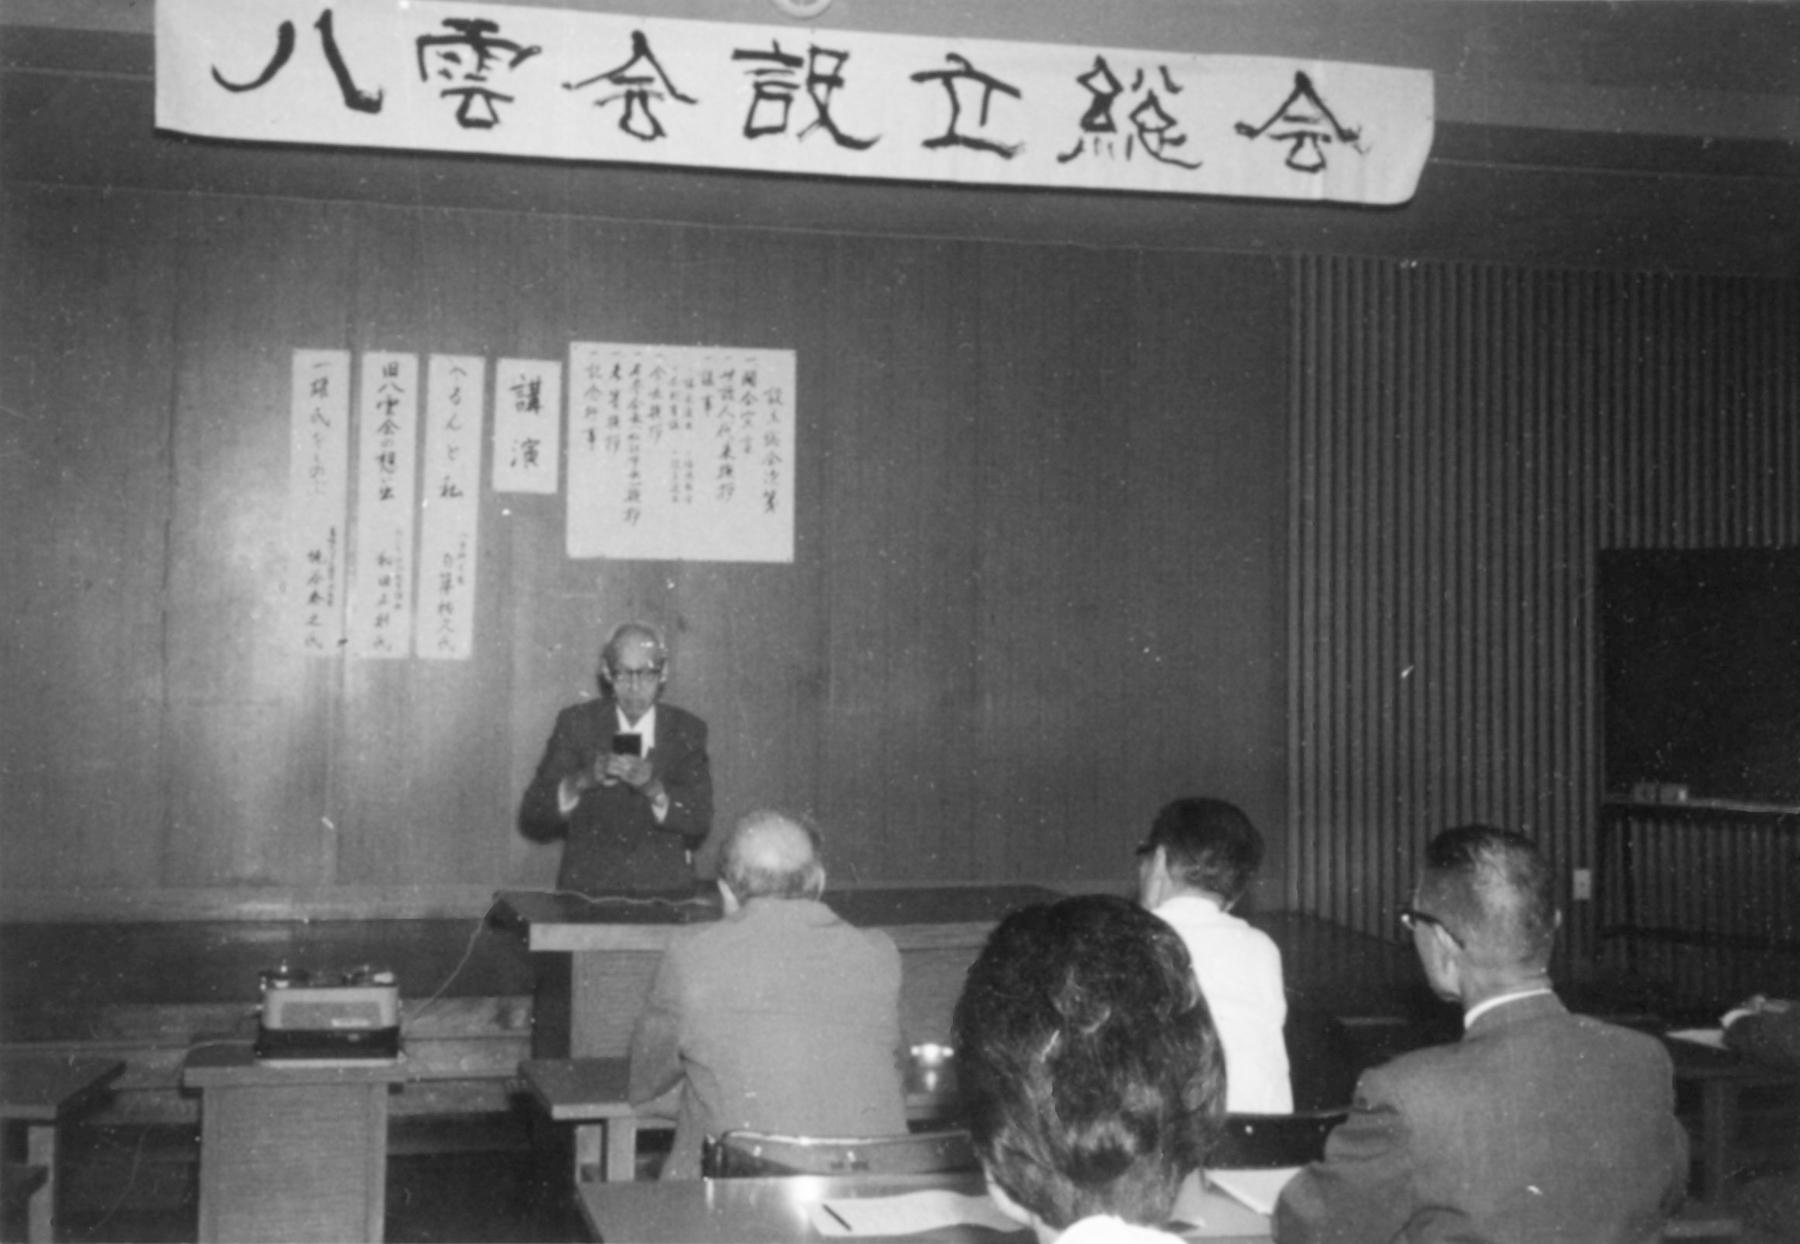 第二次八雲会設立総会(1965年6月27日、島根県労働会館)